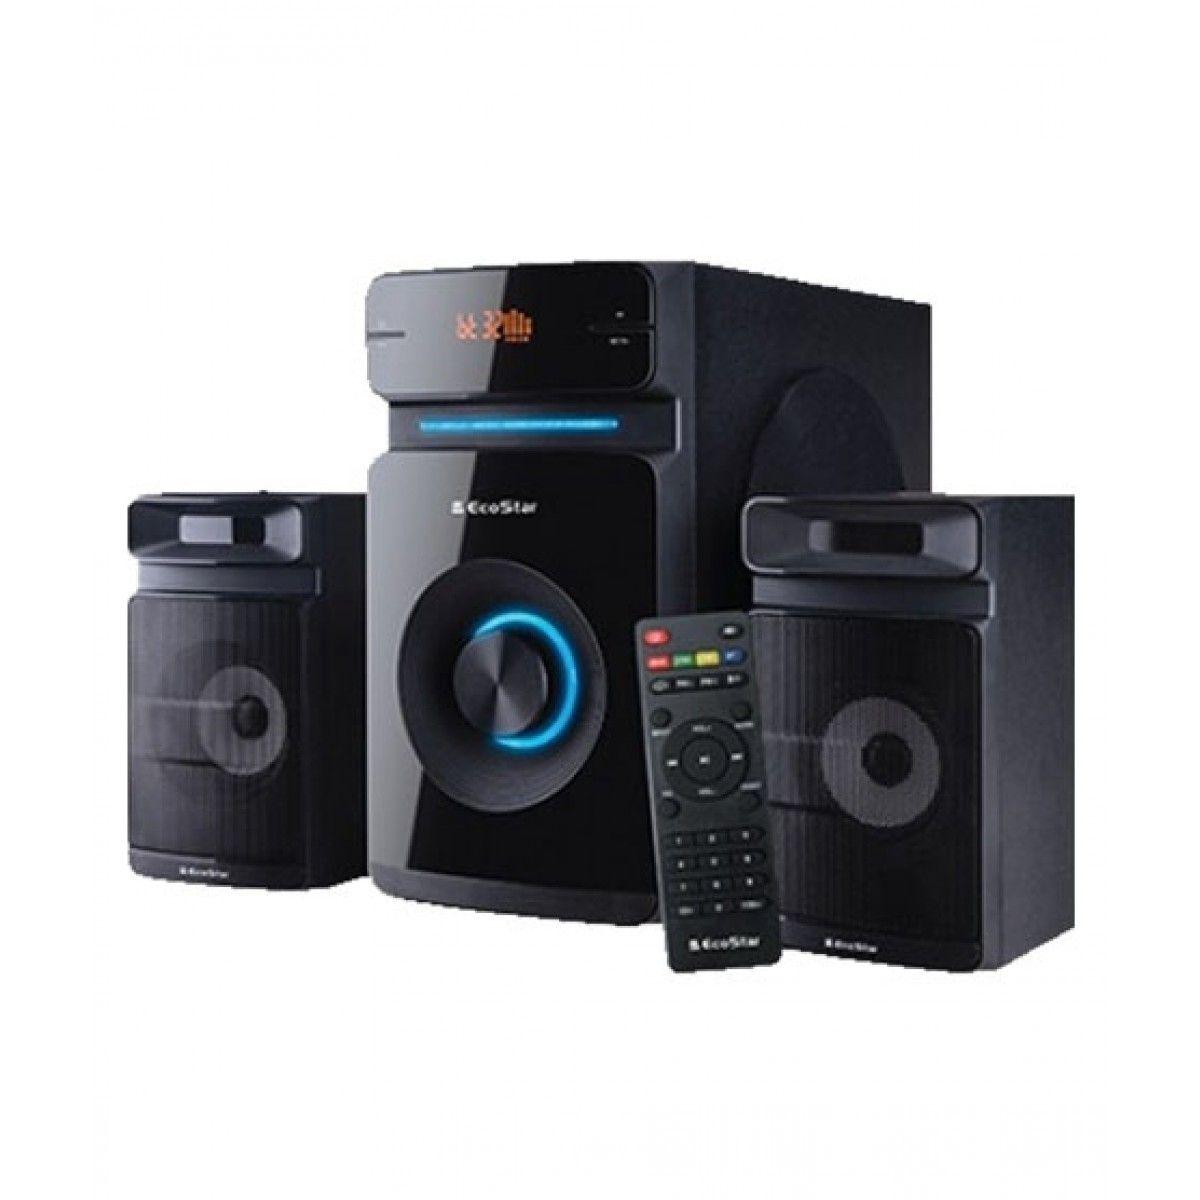 EcoStar (MS-X110) Mini Hi-Fi Speaker System